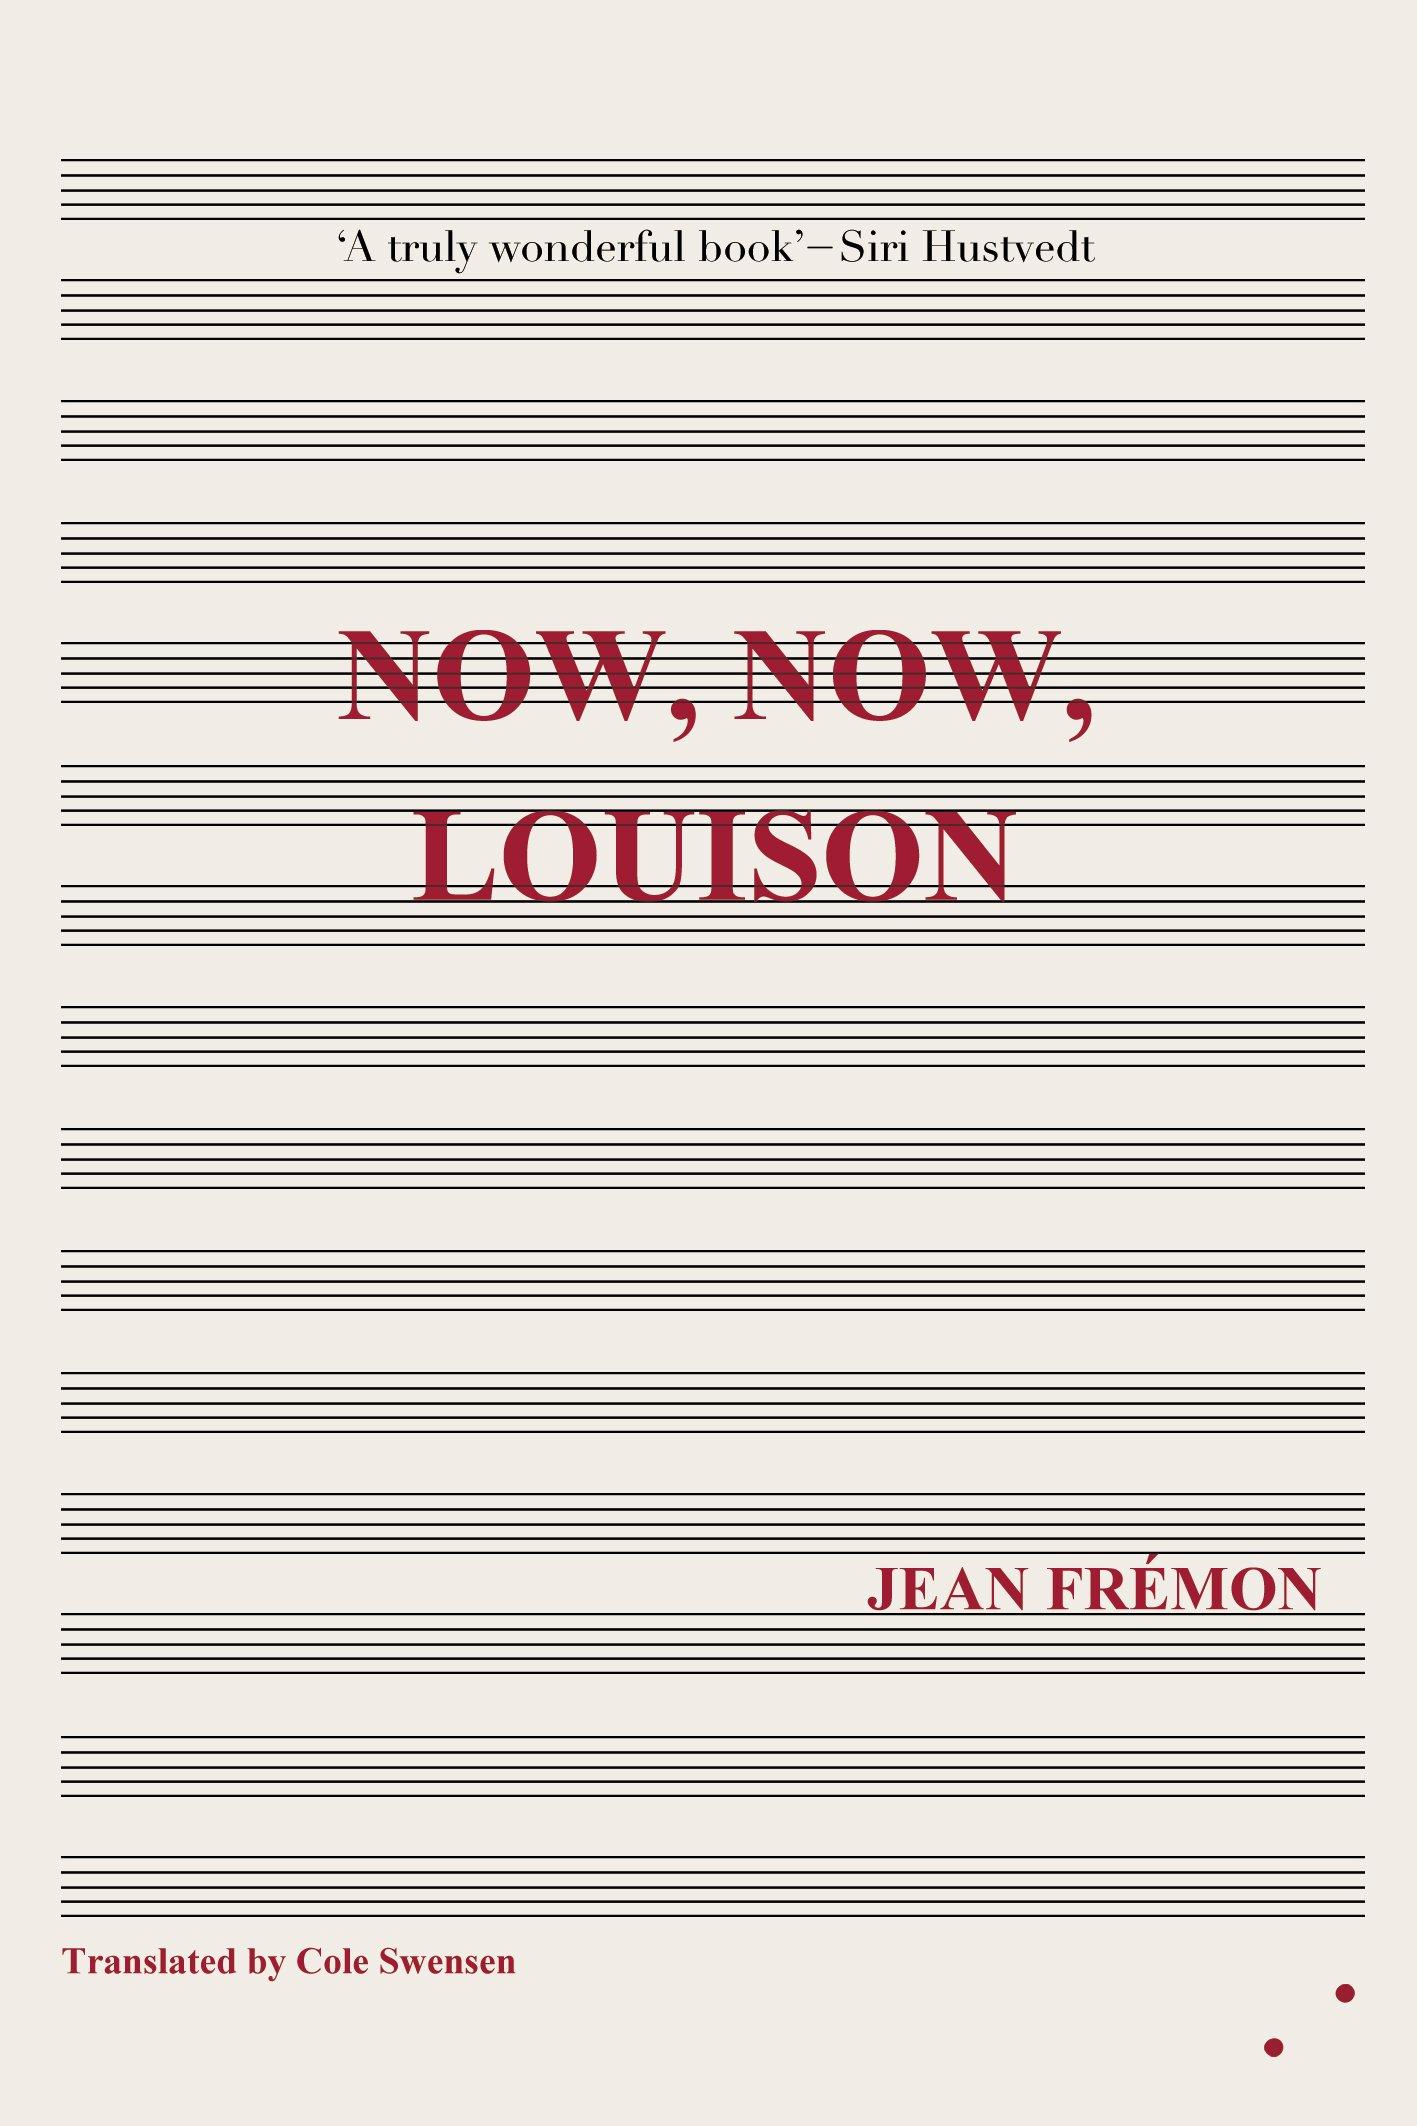 Now, Now, Louison by Jean Frémon, Les Fugitives